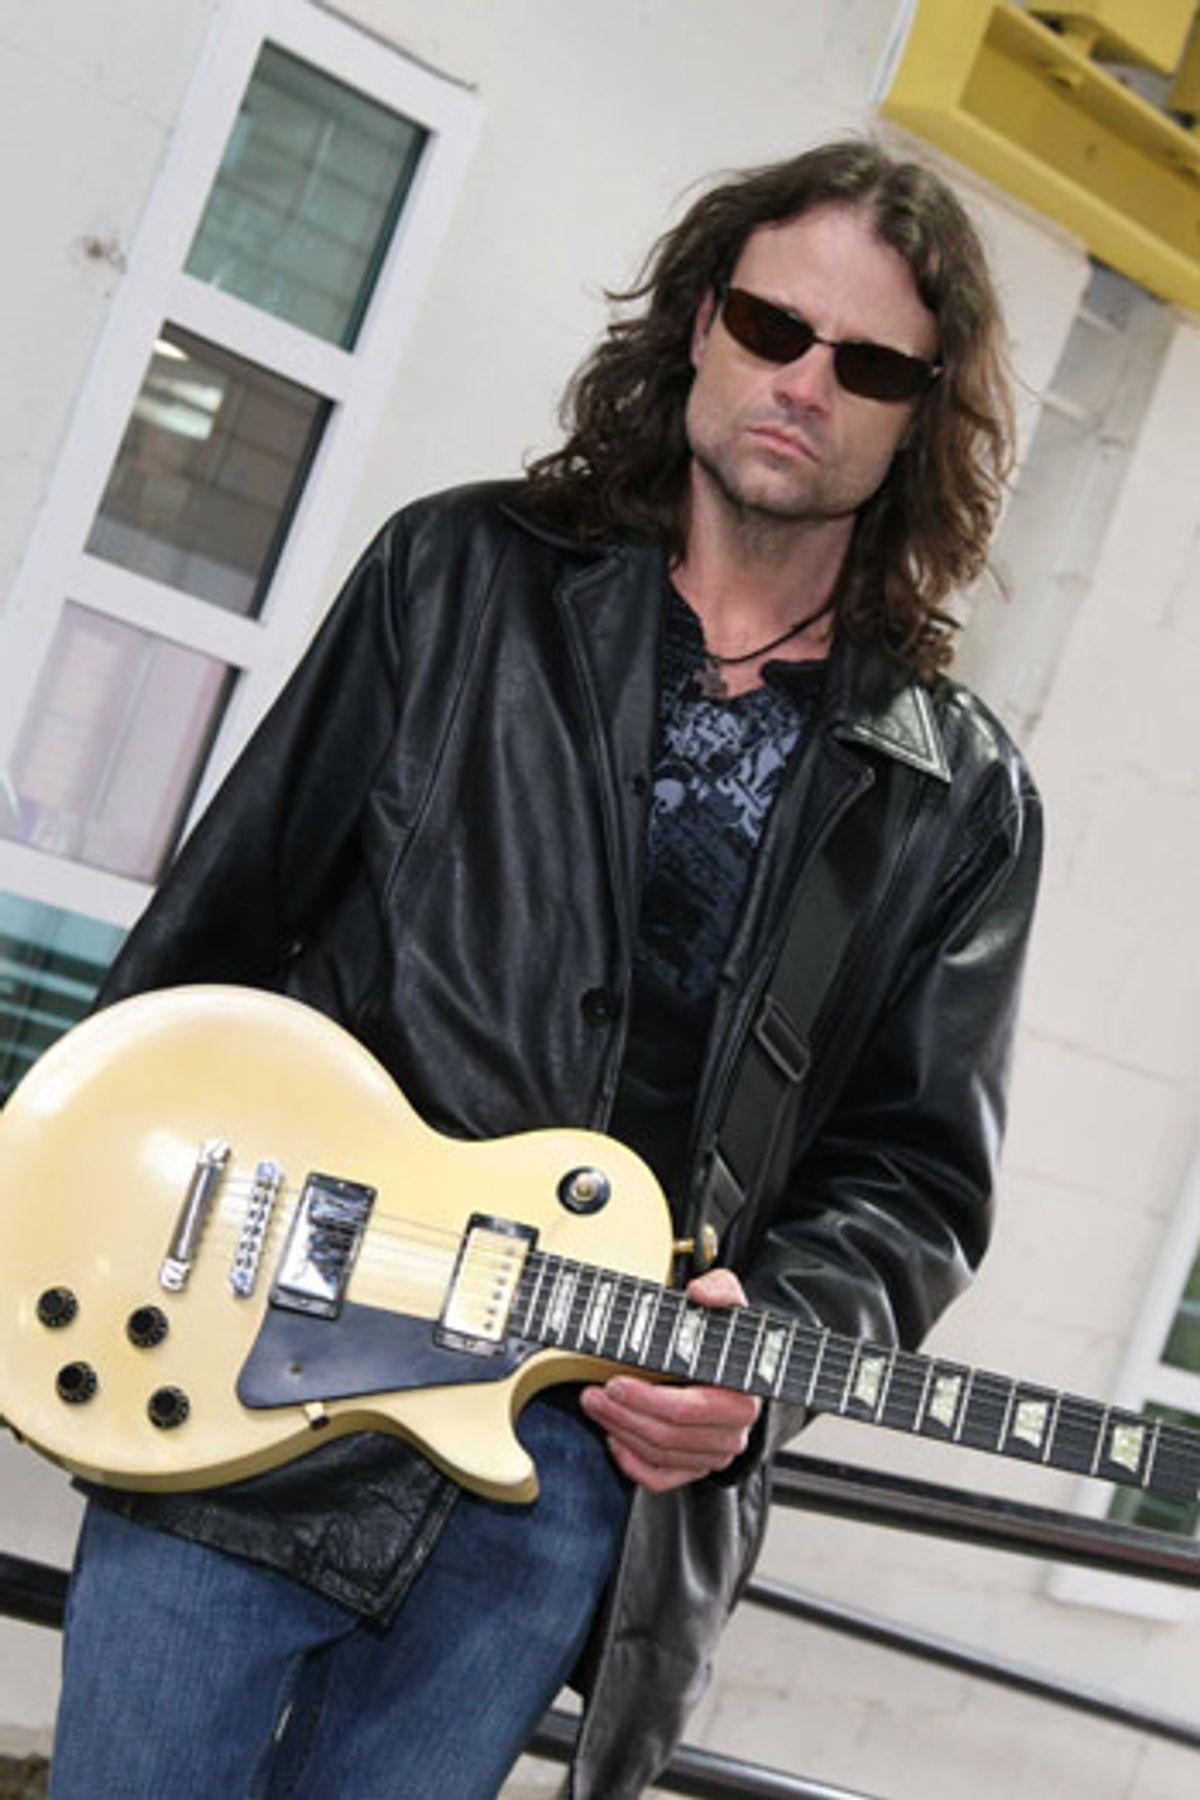 Interview: John Roth - Meet Giant's New Guitarist